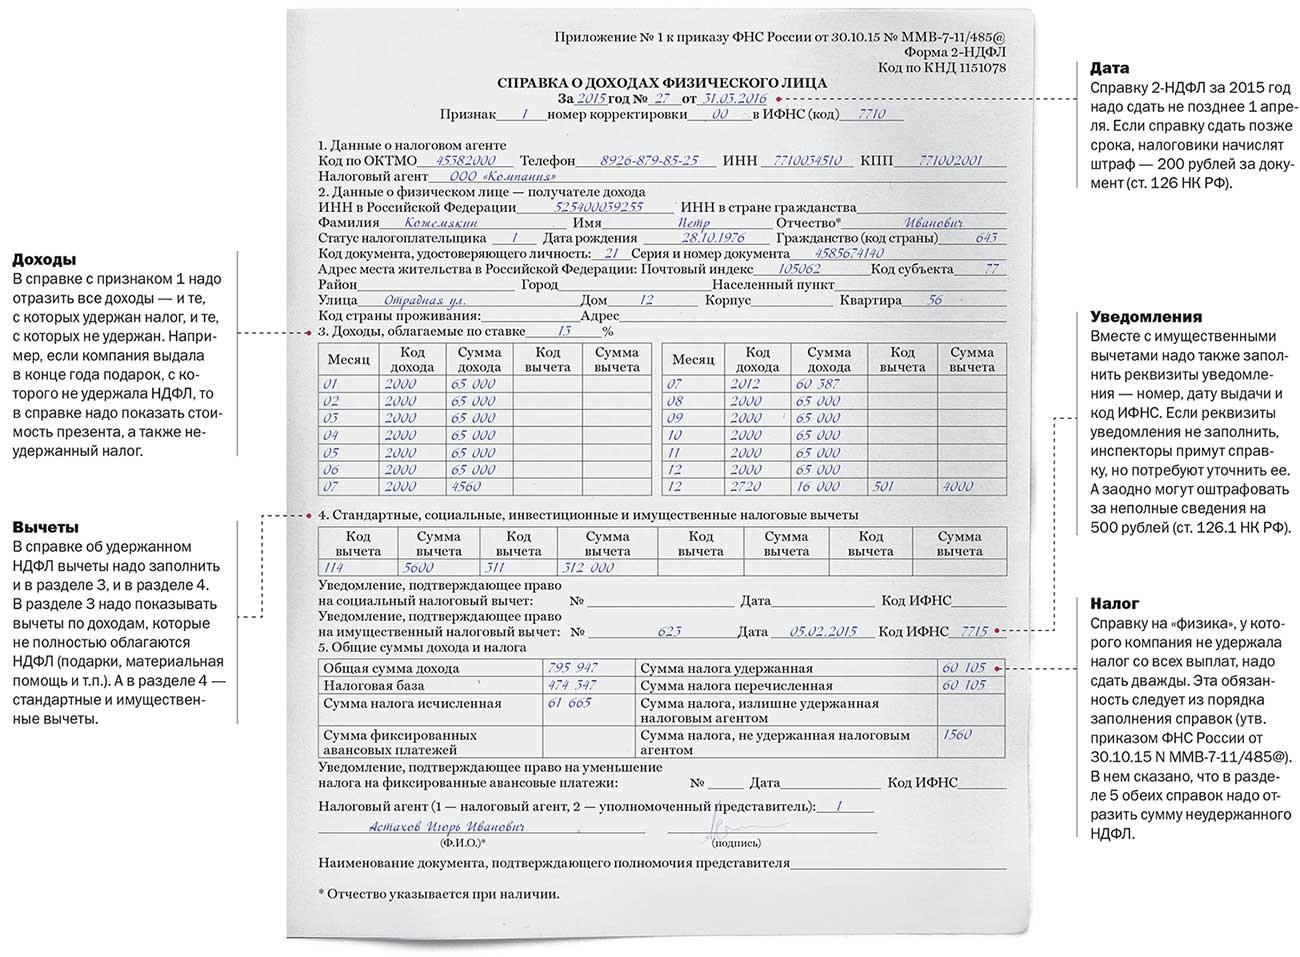 Сколько действует справка 2 НДФЛ для налогового вычета?